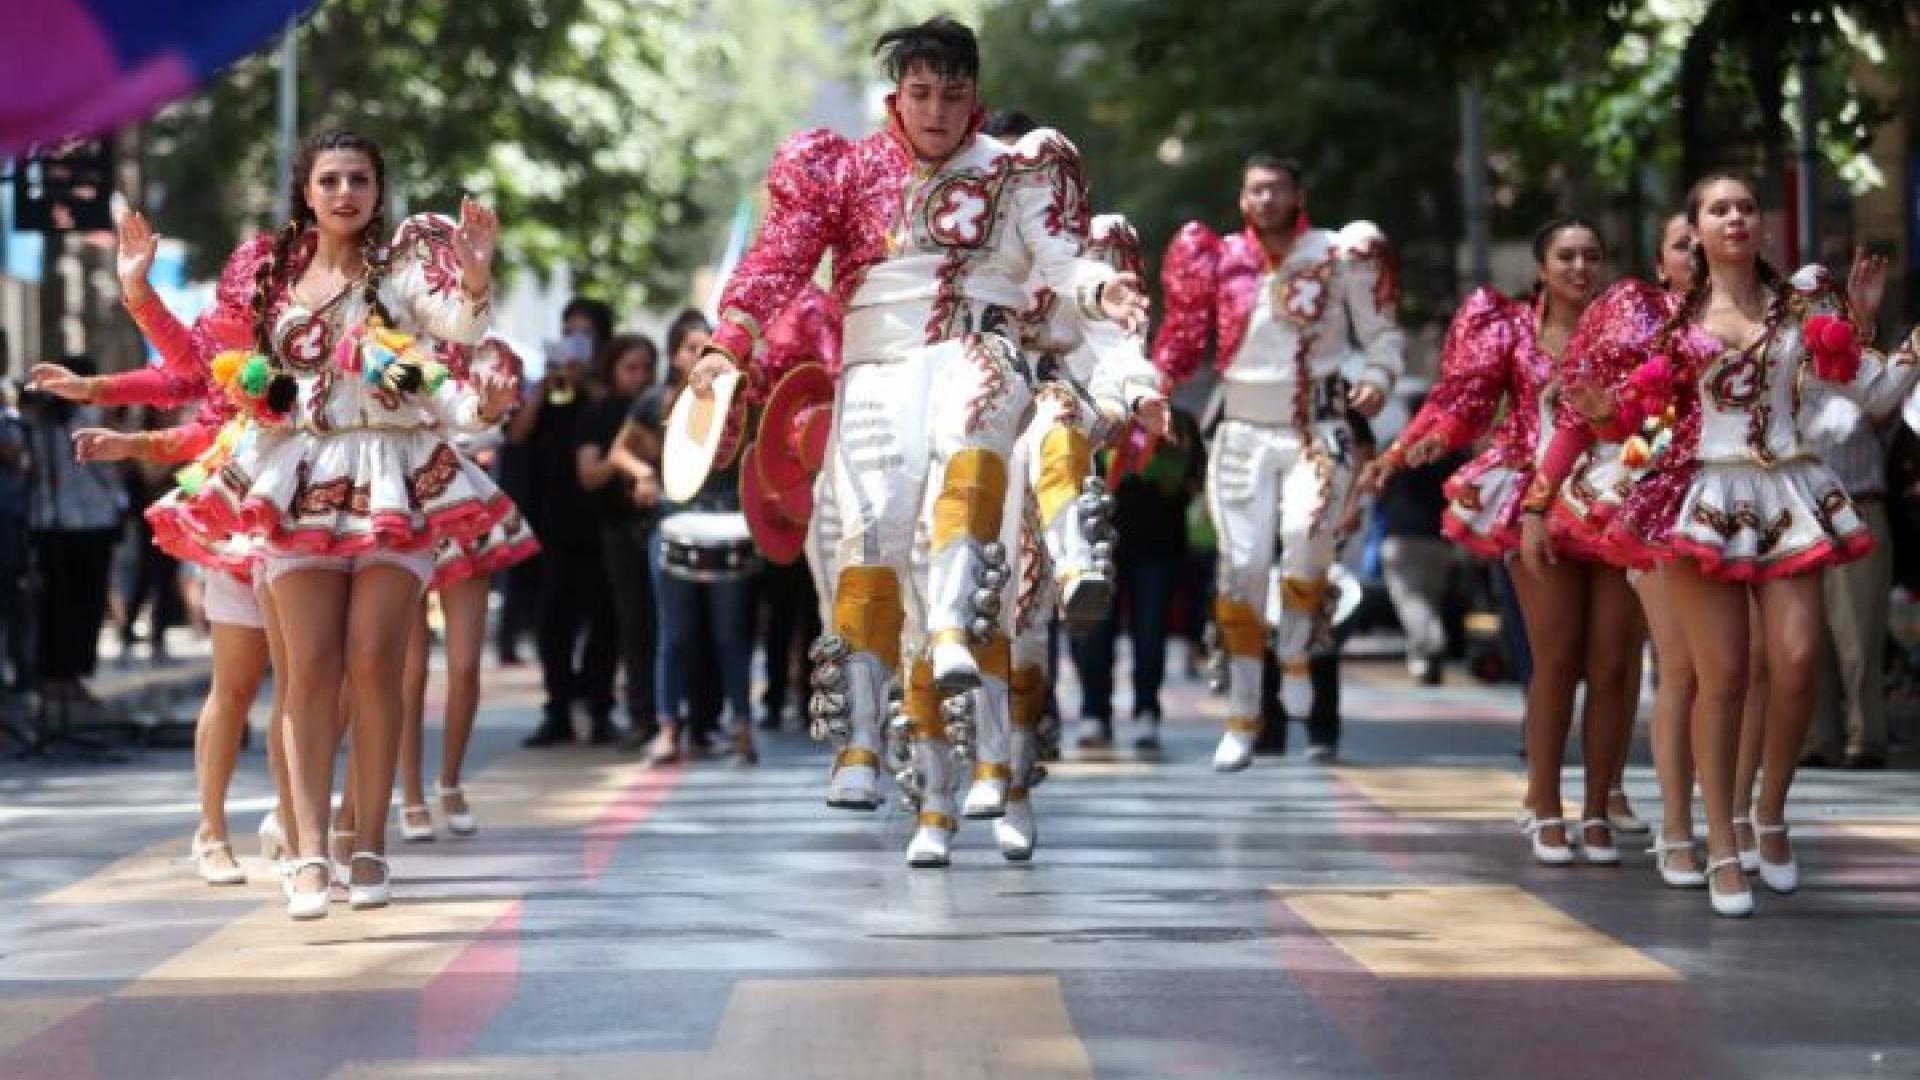 Imagen de Ministerio de las Culturas anuncia medidas de apoyo para artistas afectados durante la emergencia sanitaria del Covid-19 y posterga Día del Patrimonio Cultural